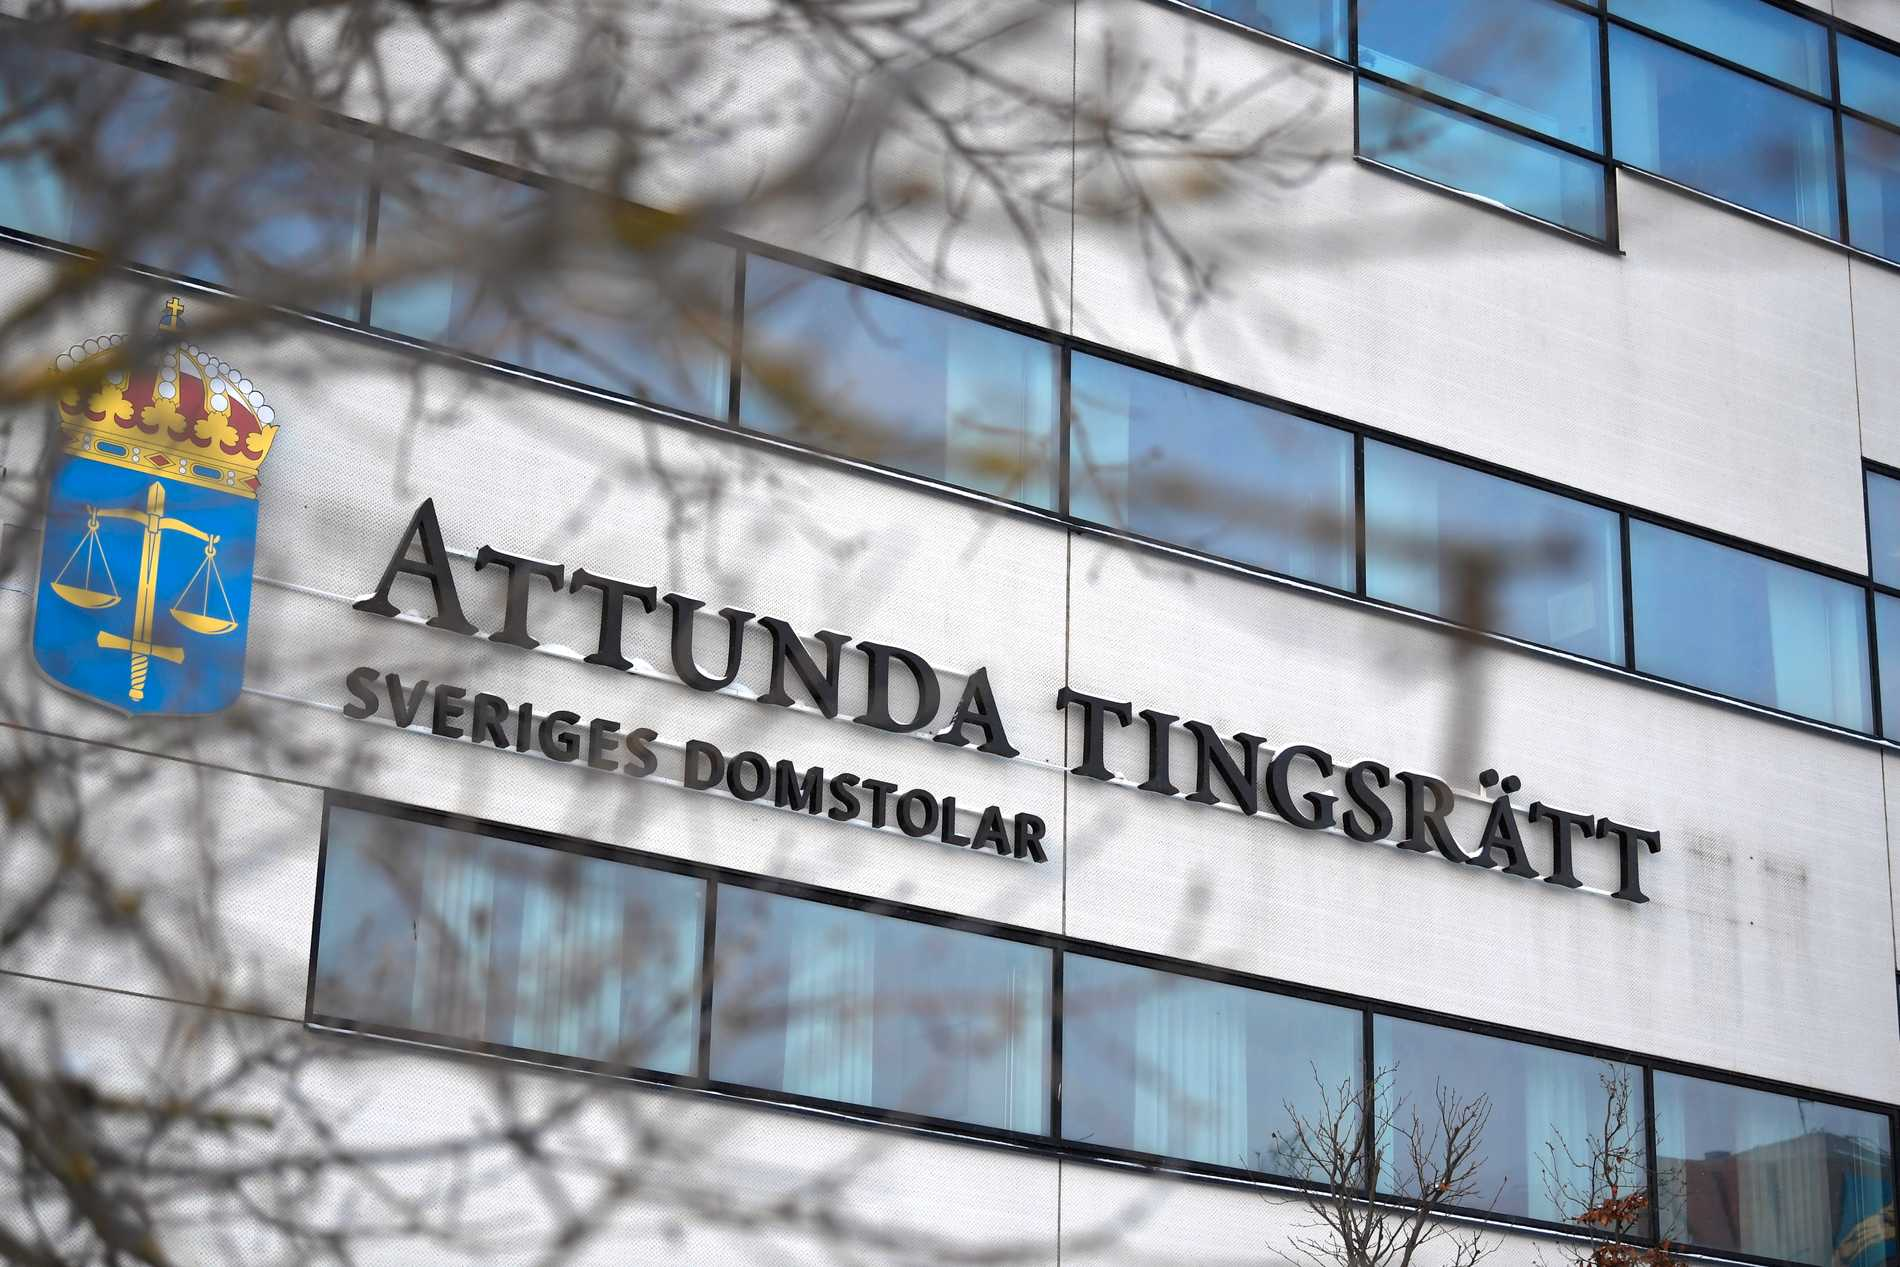 Attunda Tingsrätt friade mannen på nästan samtliga av de 35 åtalspunkterna.